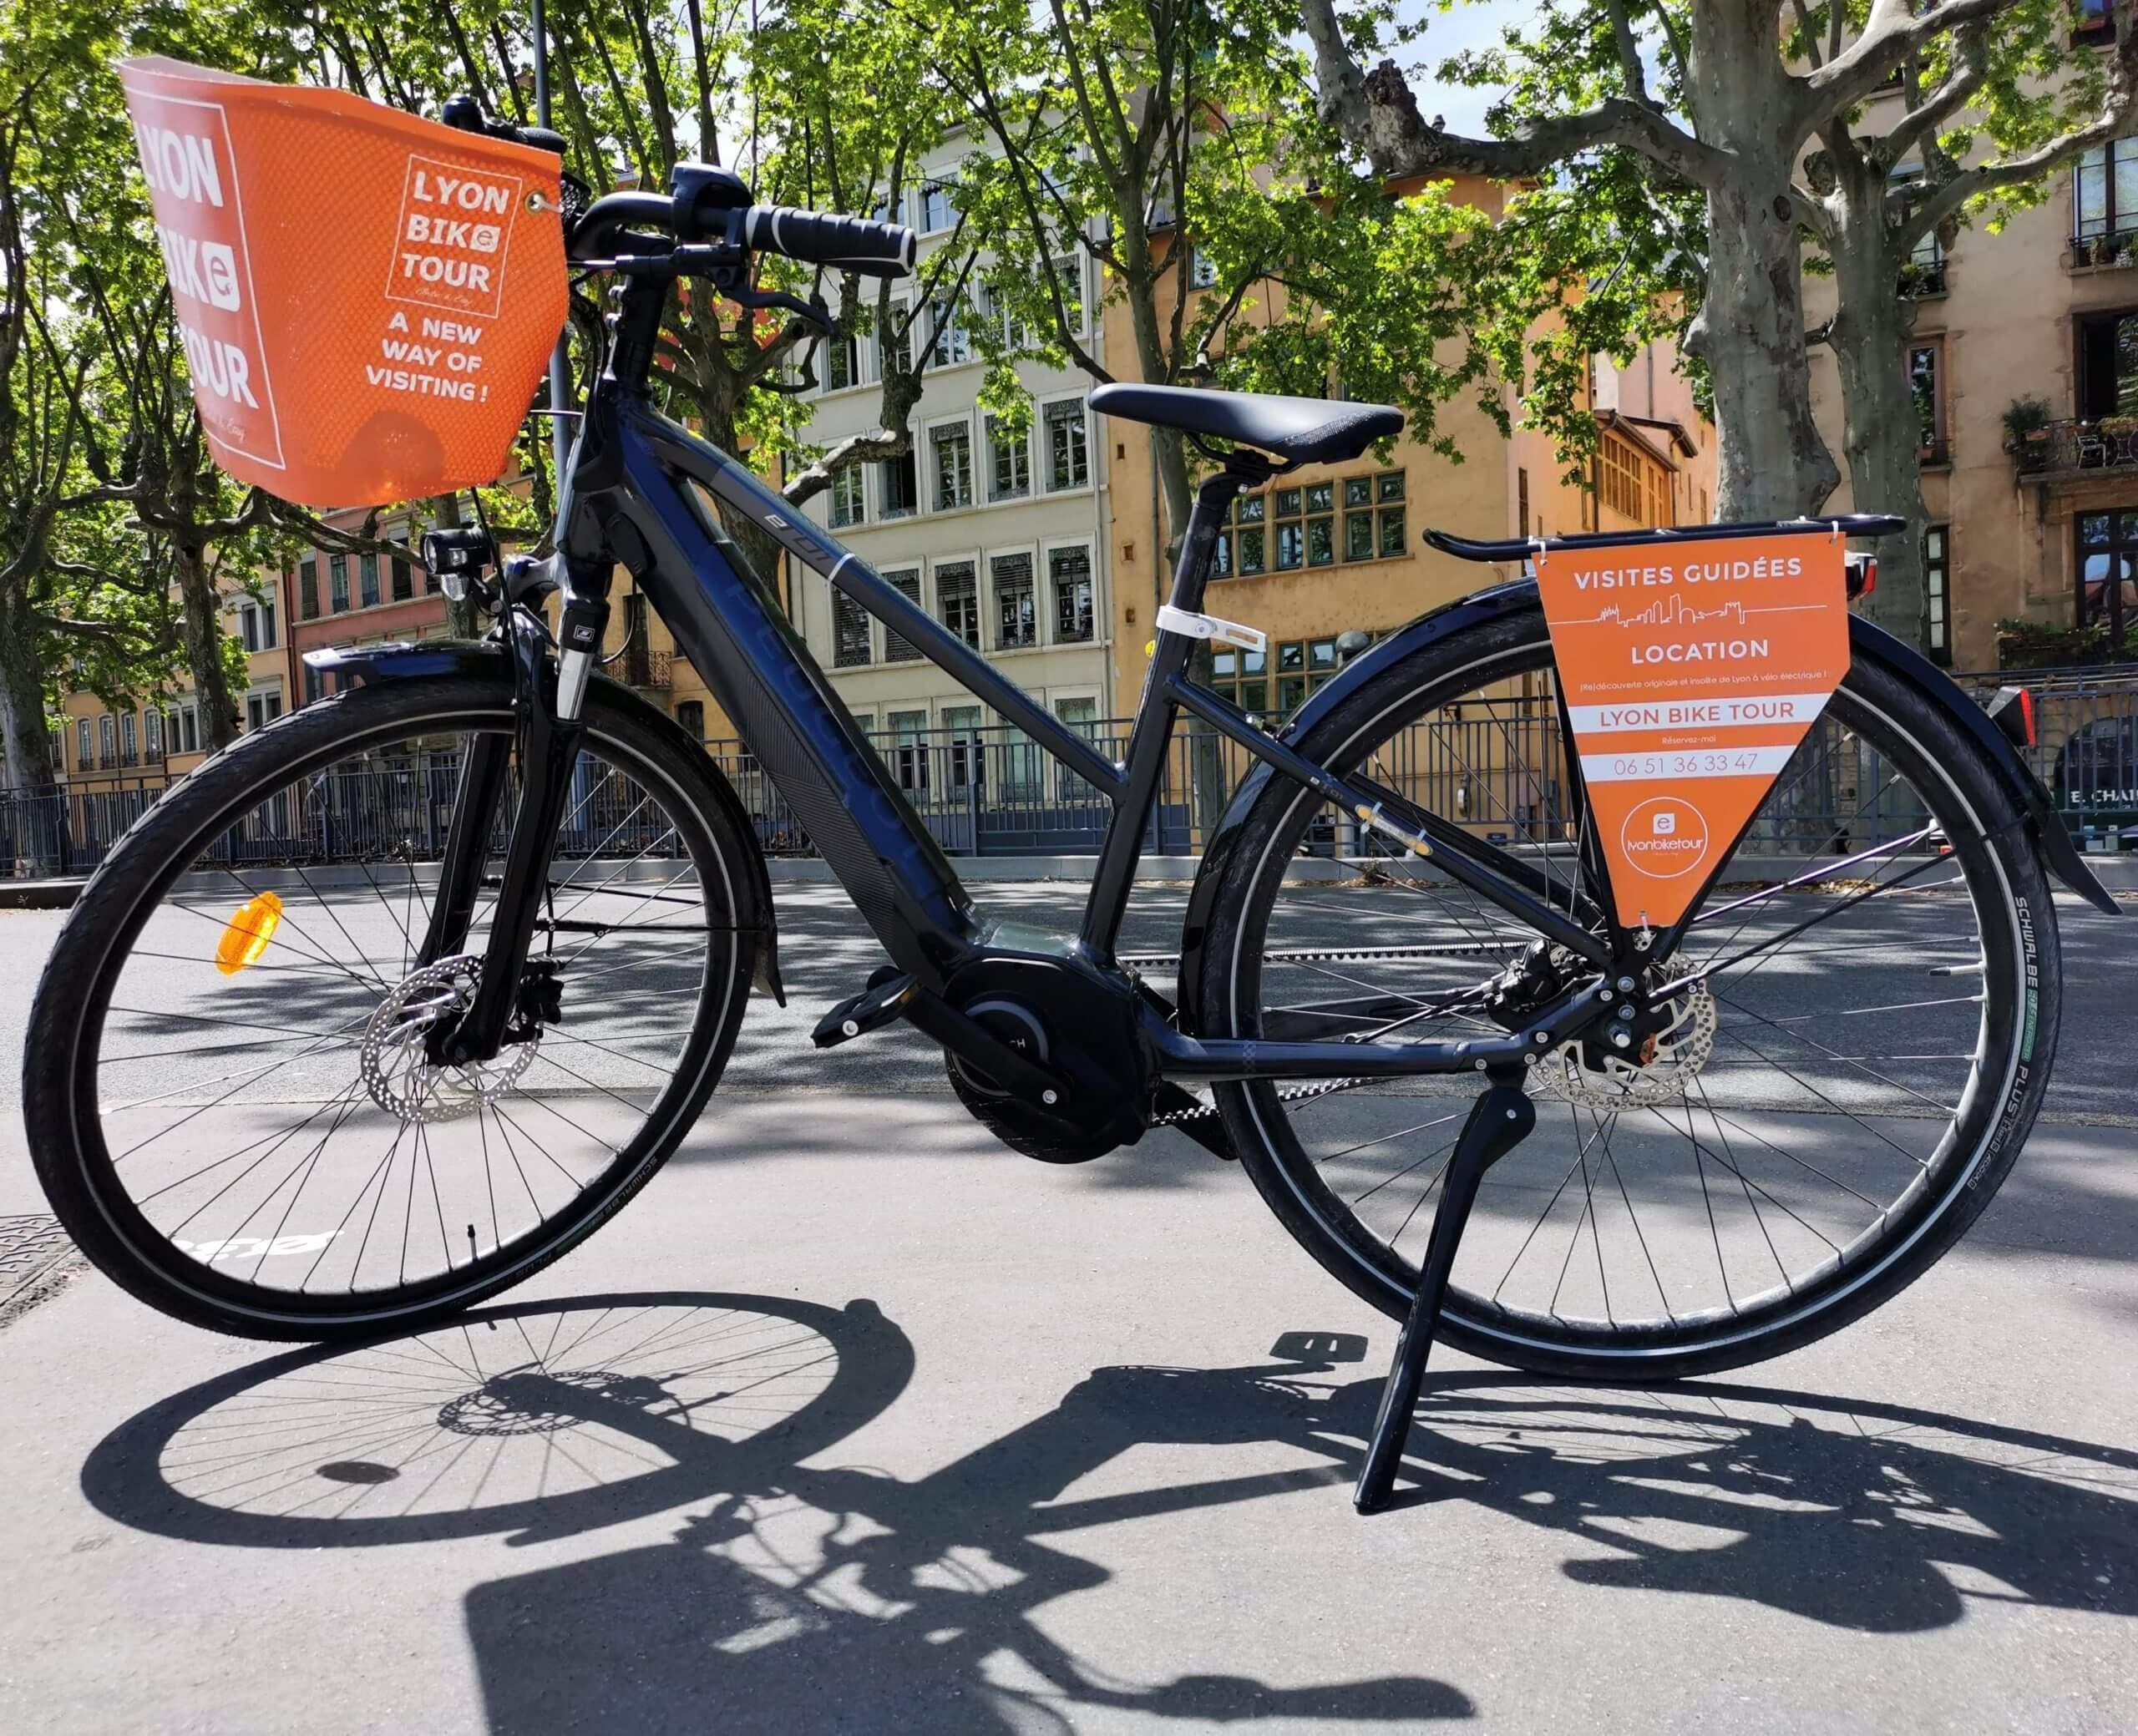 vélos en location avec Lyon bike tour